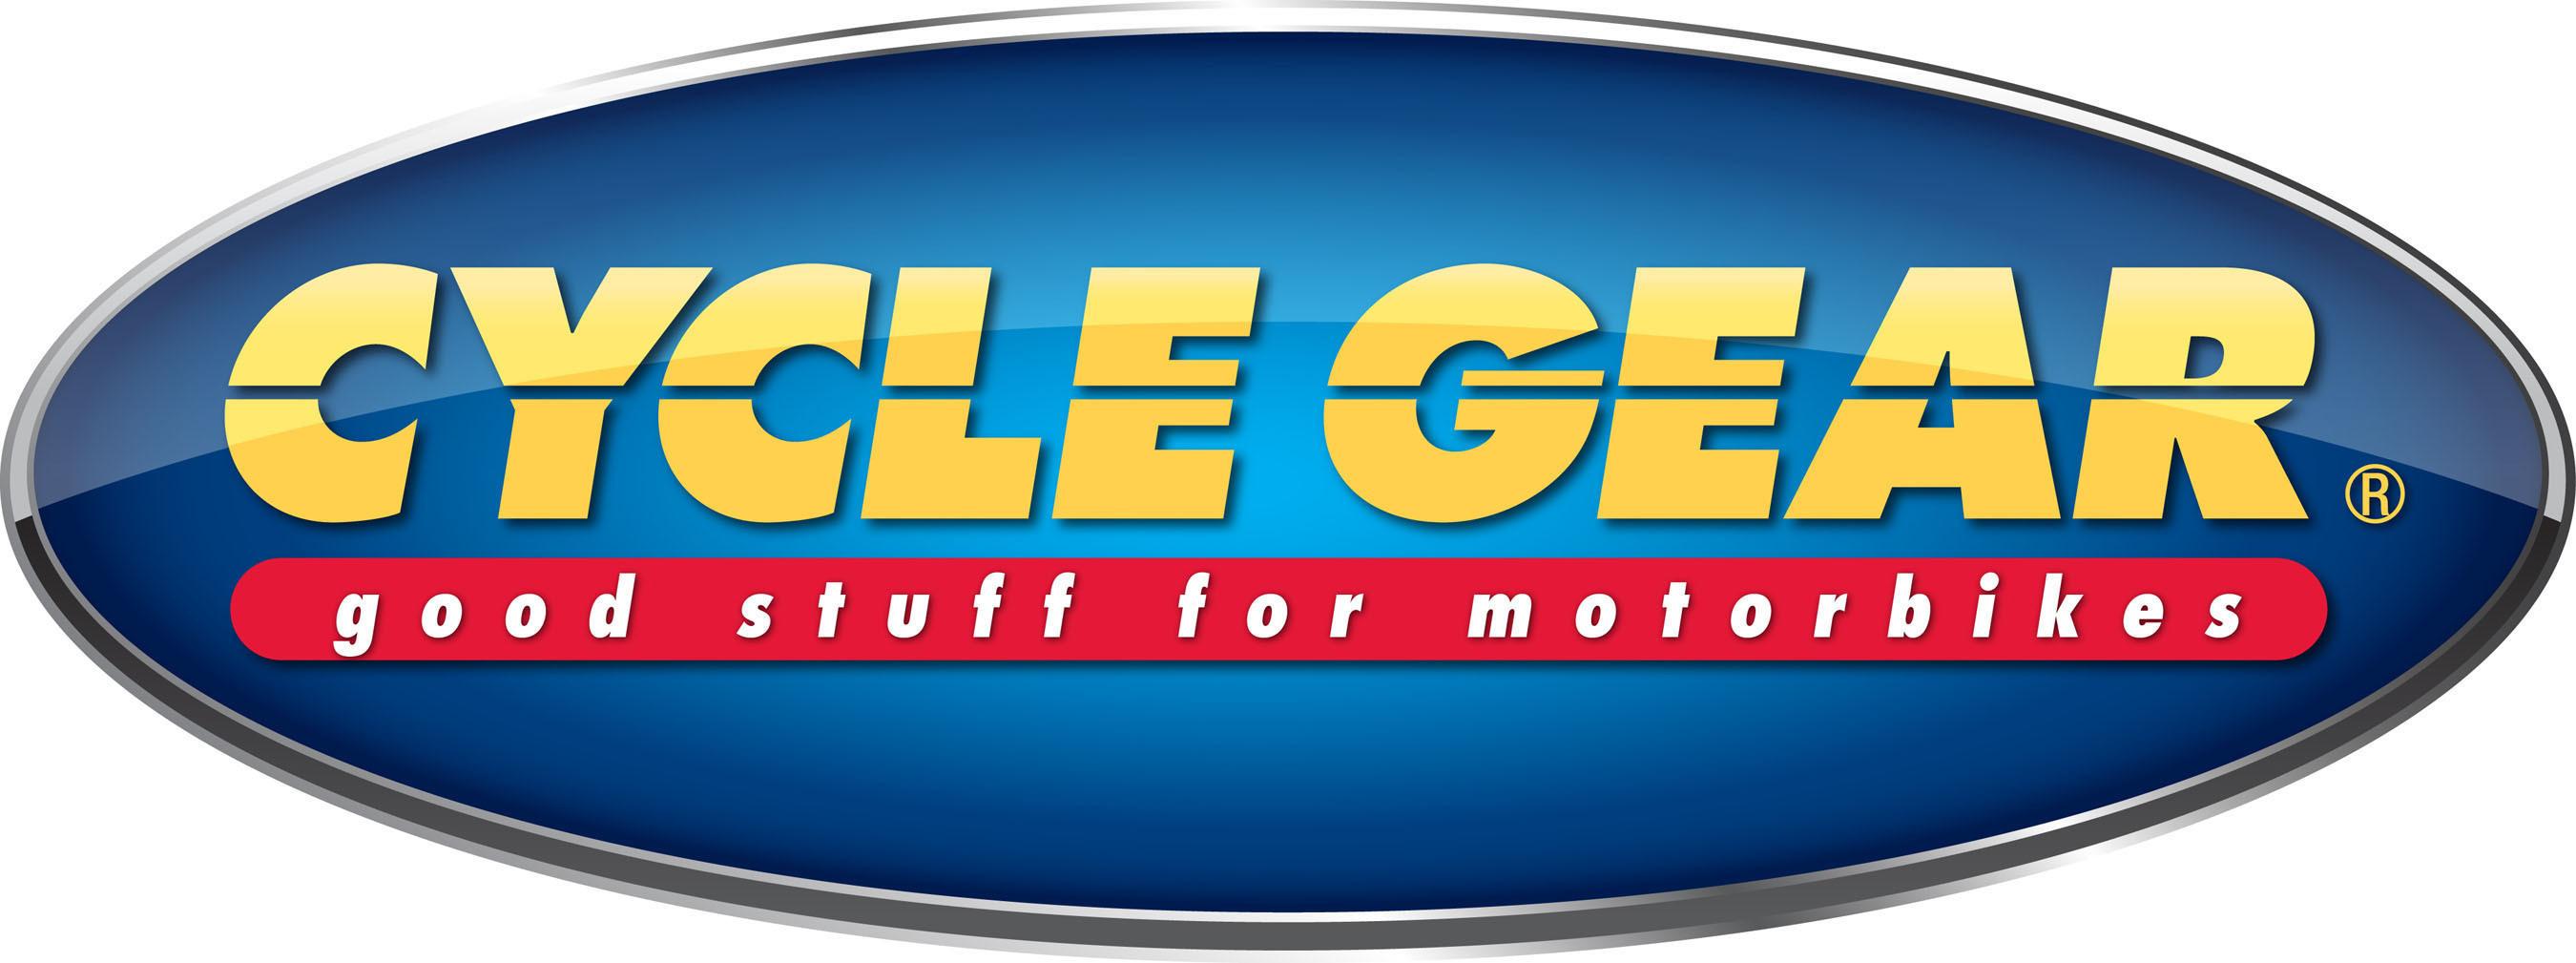 Cycle-Gear-logo.jpg